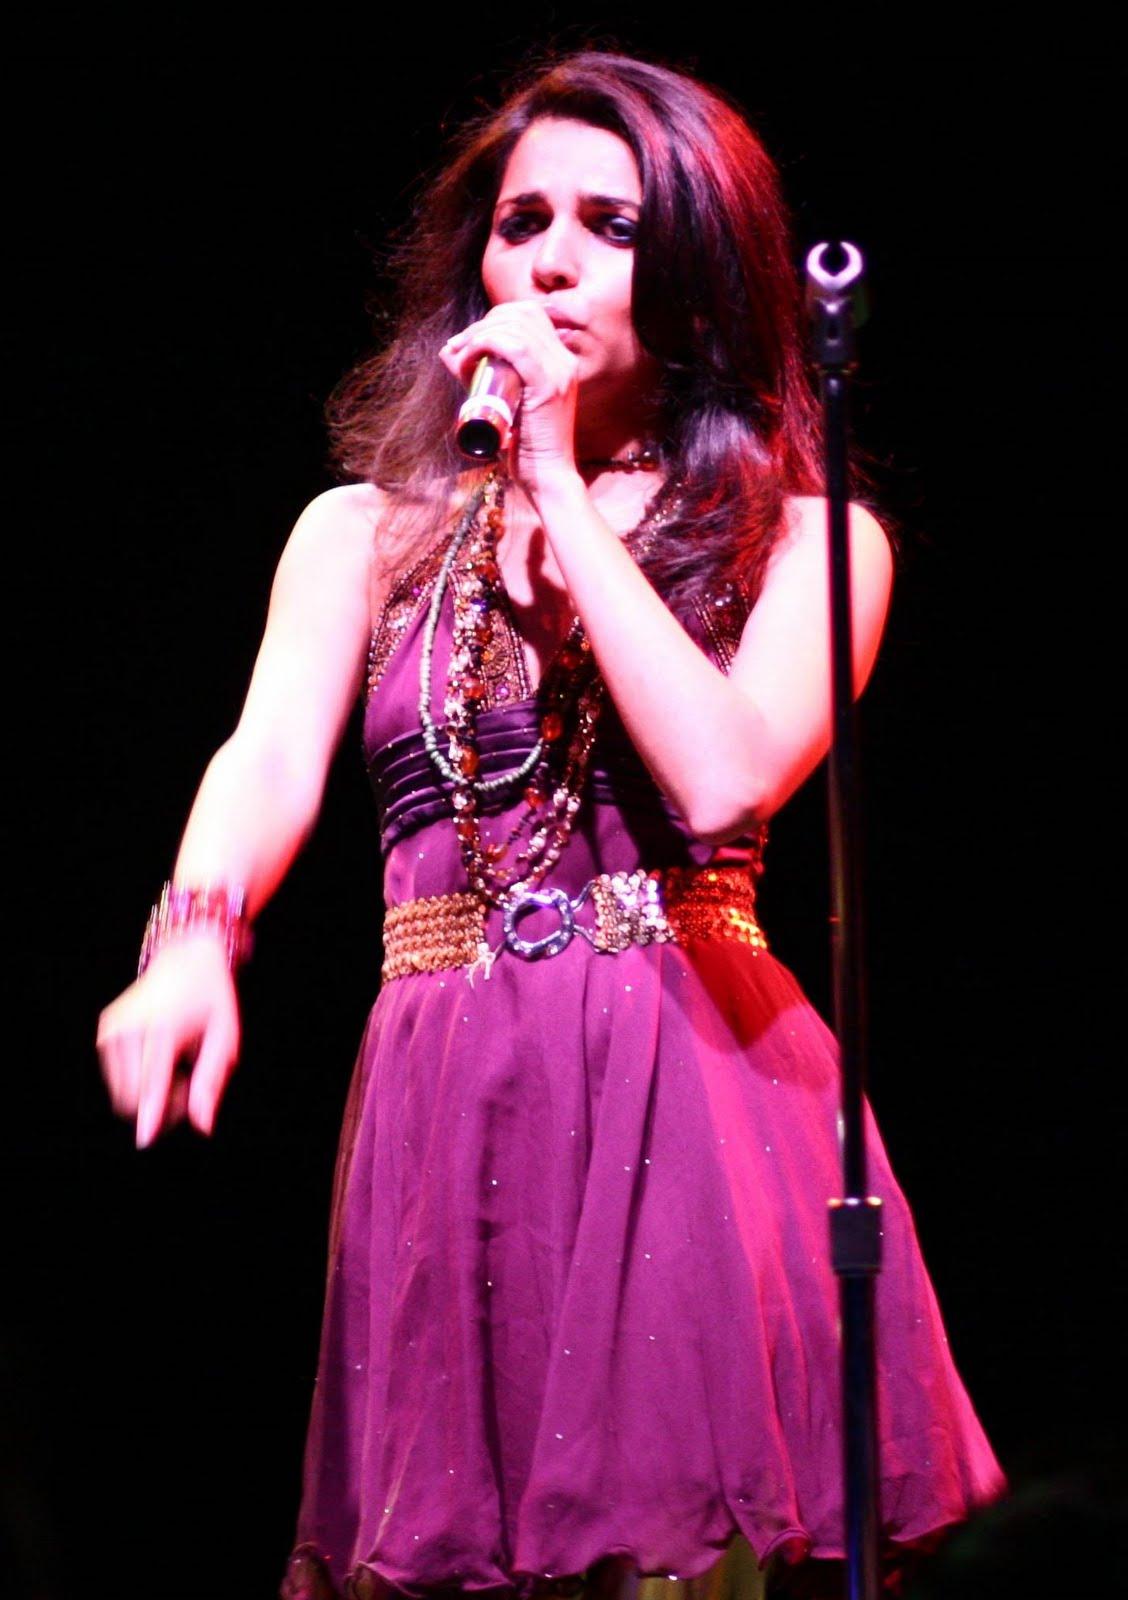 http://4.bp.blogspot.com/_mCQCUdBDa_U/S_yfk7-iTcI/AAAAAAAALOk/ypvsSyeIAlM/s1600/Nadia-Ali.jpg